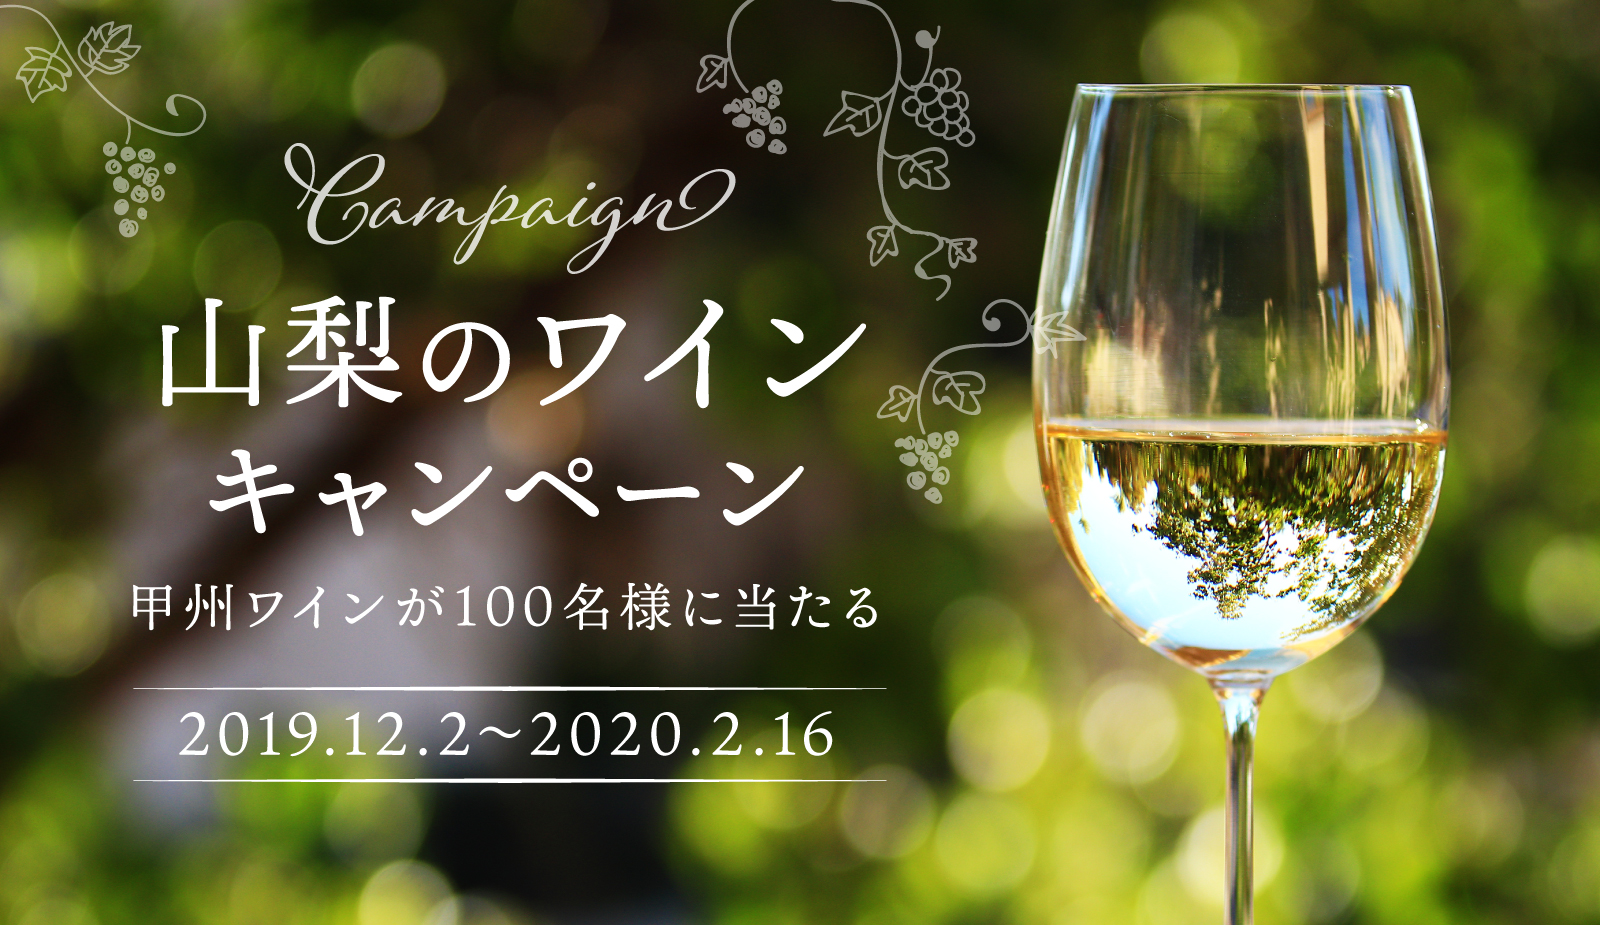 山梨のワインキャンペーン